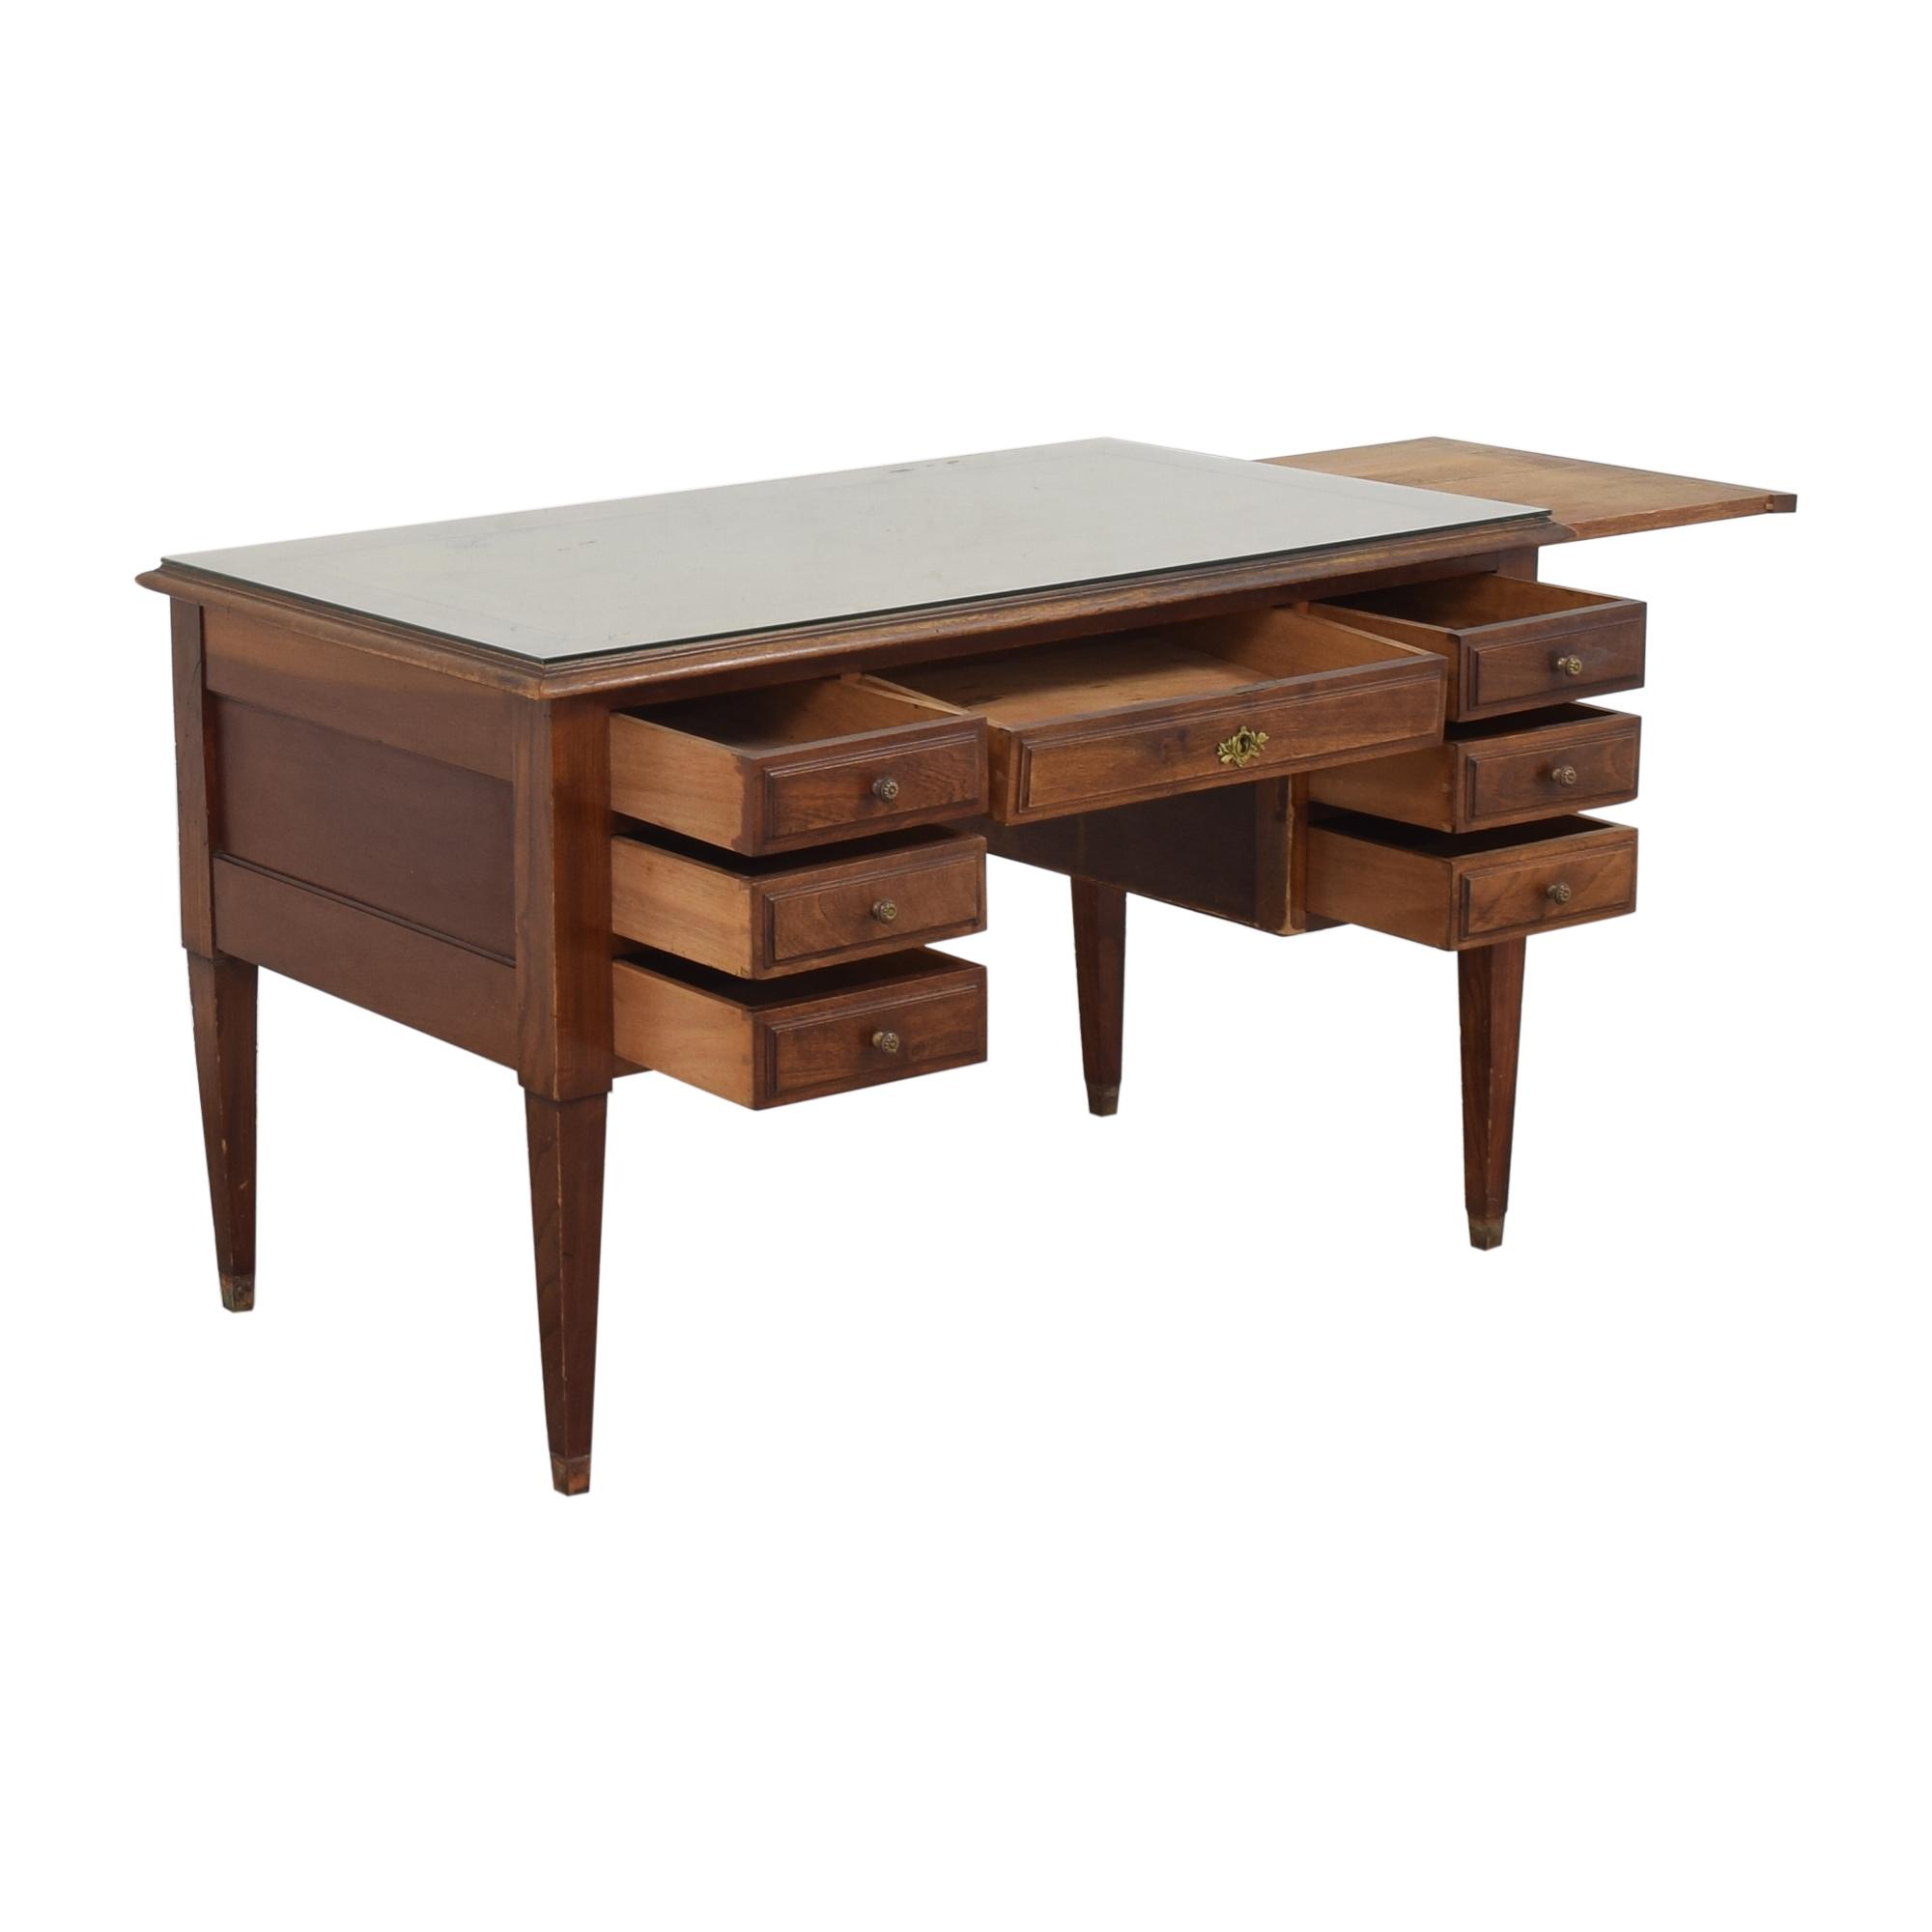 Vintage Writing Desk sale